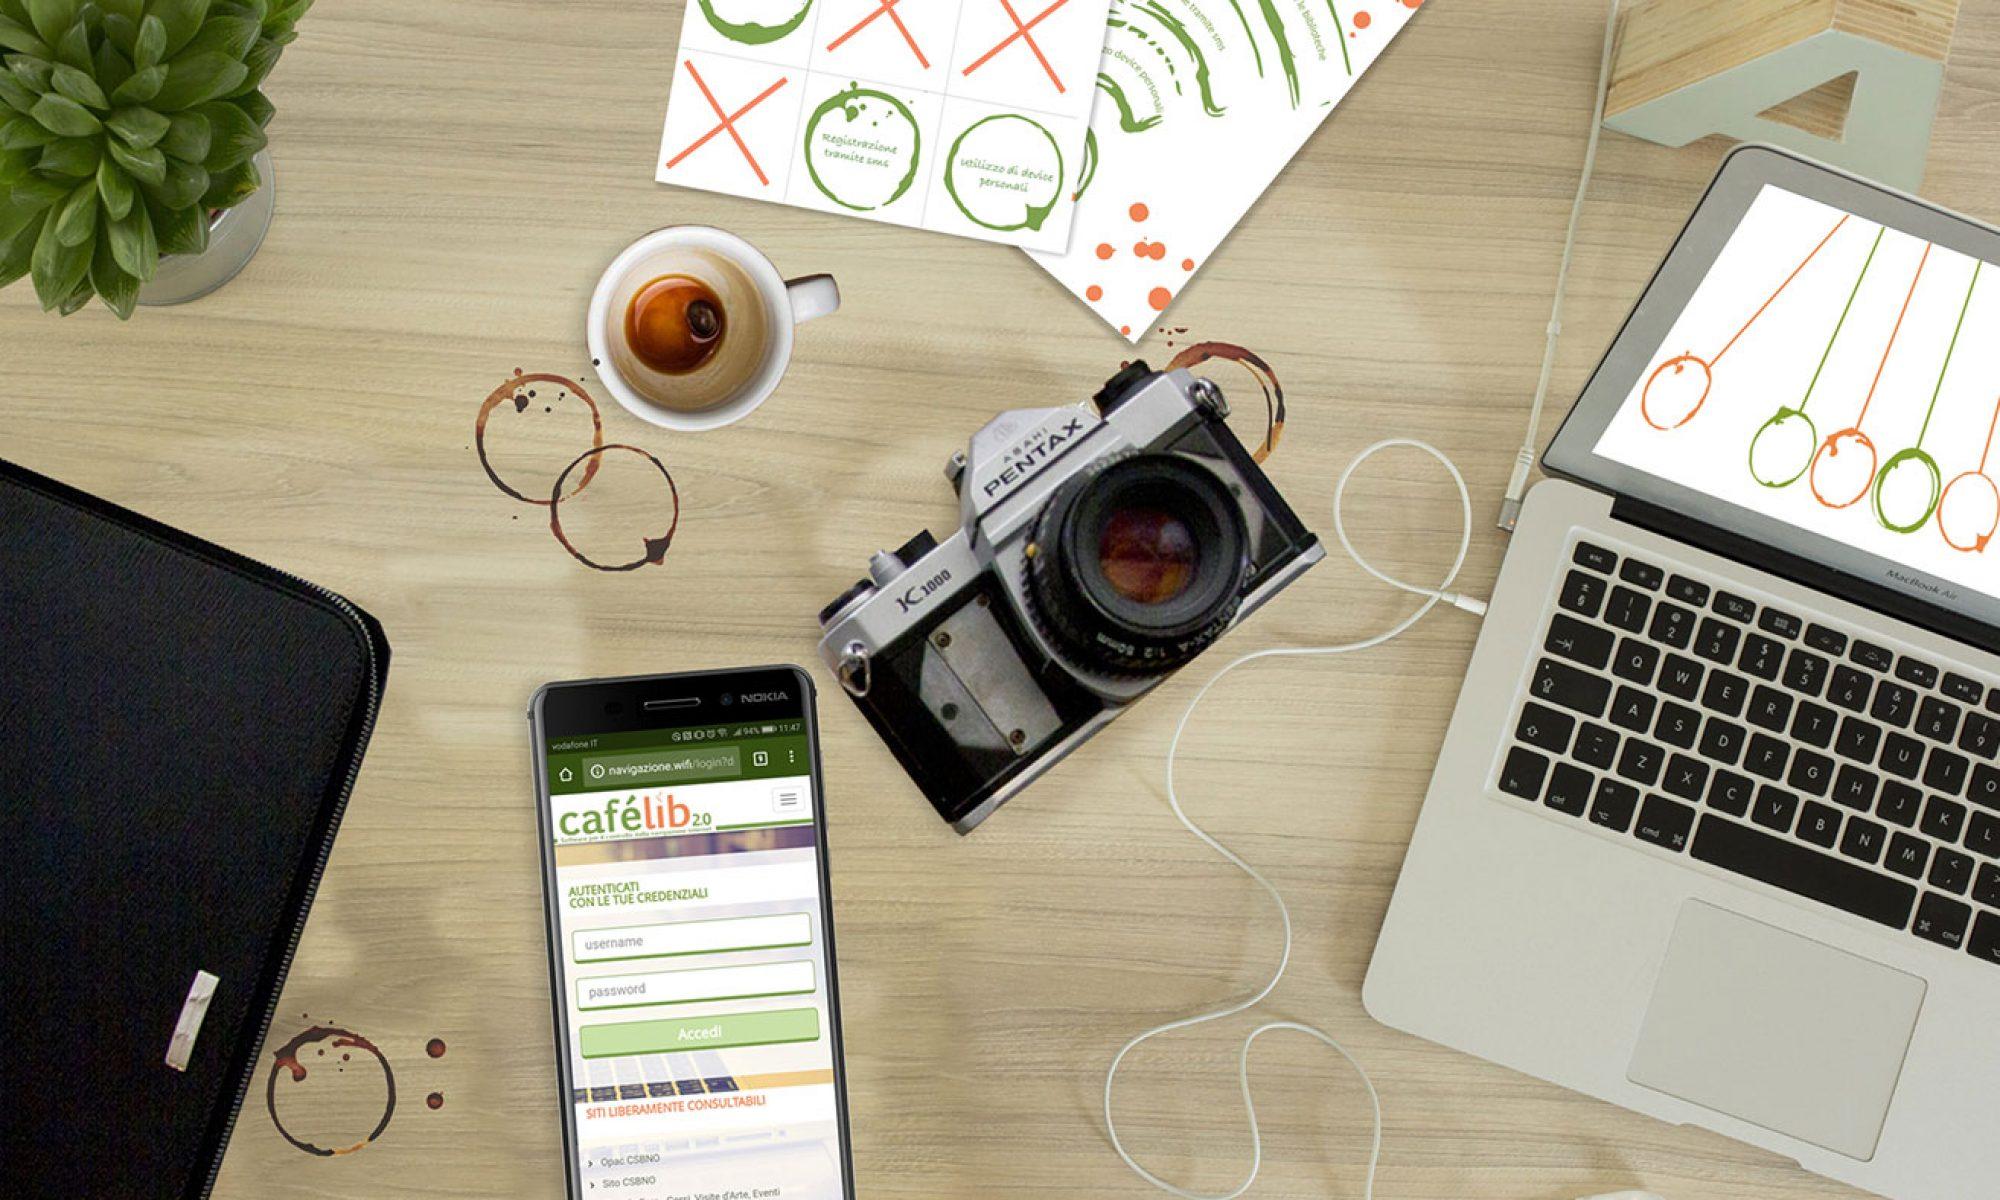 Network Cafelib 2.0